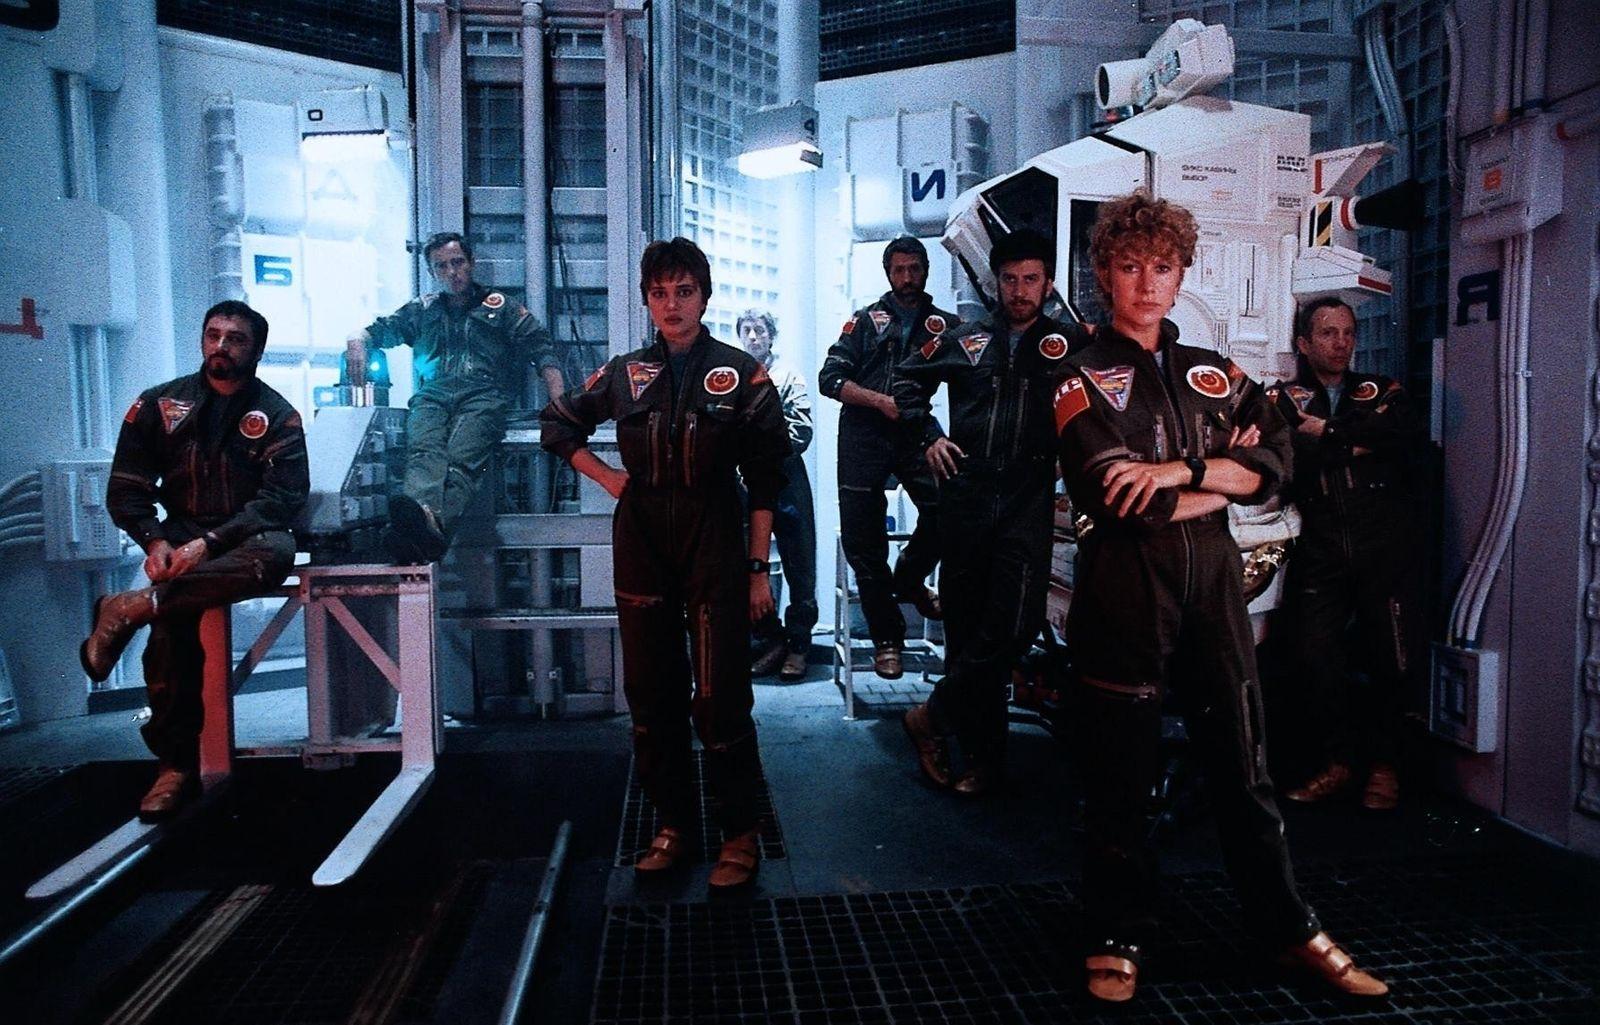 2010 - Das Jahr, in dem wir Kontakt aufnehmen / 2010: Space Odyssey